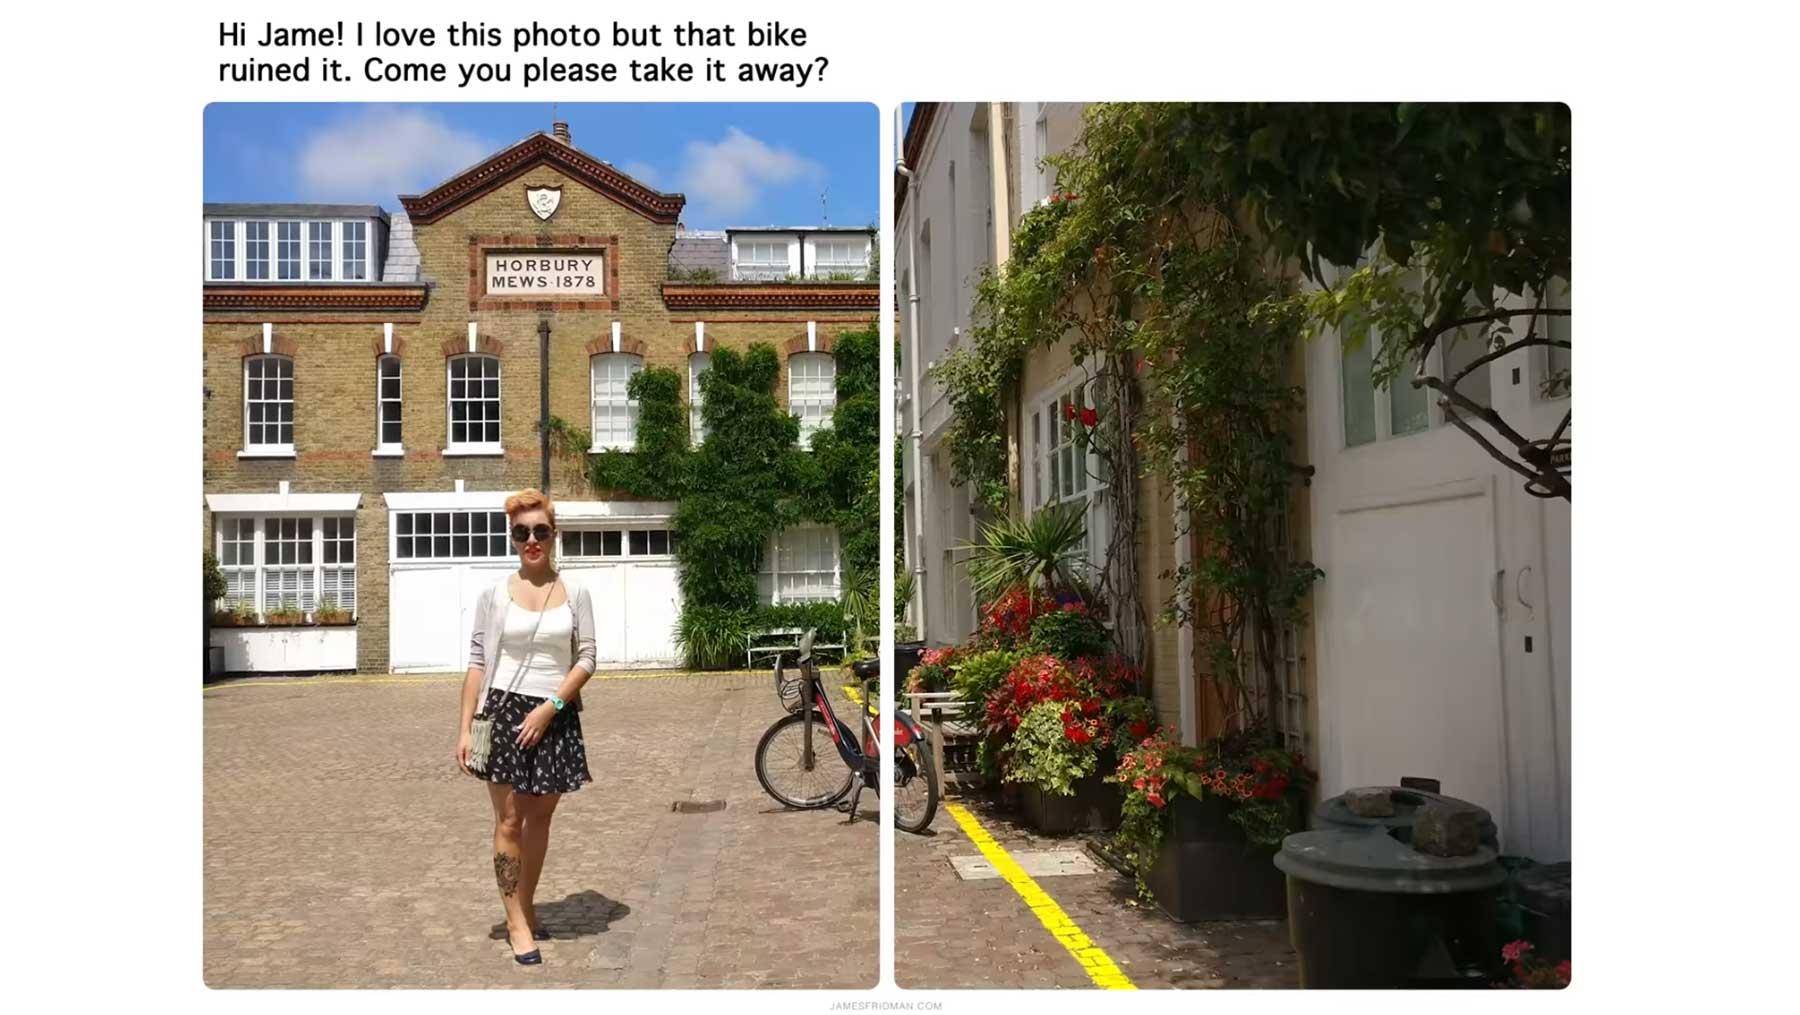 Kannst du bitte das Fahrrad aus dem Bild nehmen? fahrrad-aus-bild-retuschieren